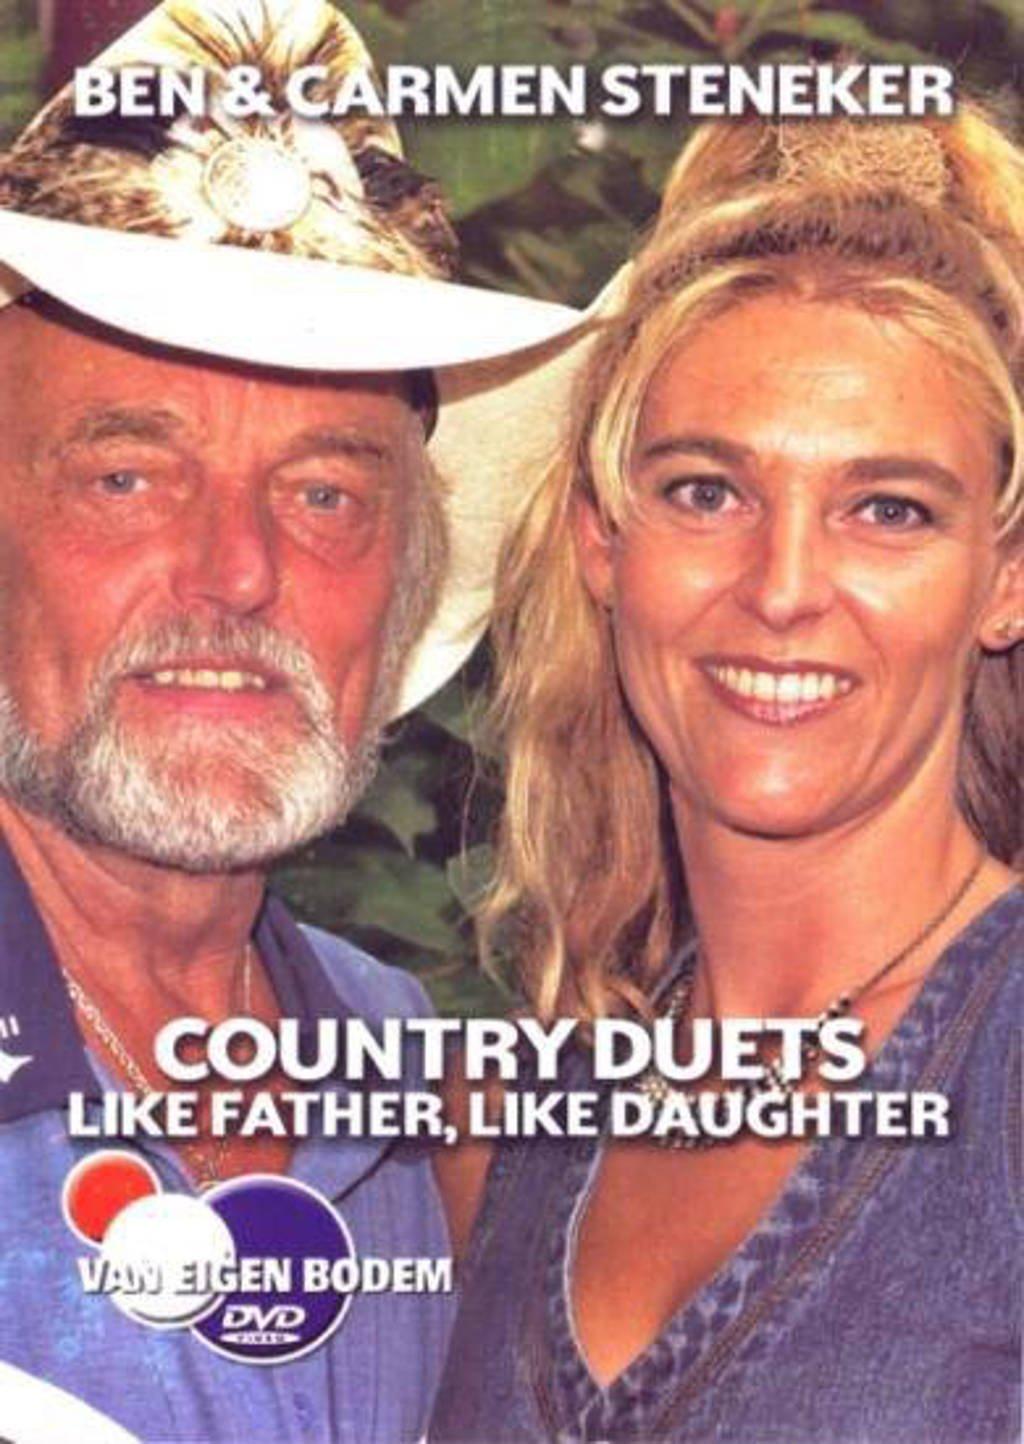 Ben & Carmen Steneker - Like Father, Like Daughter (DVD)